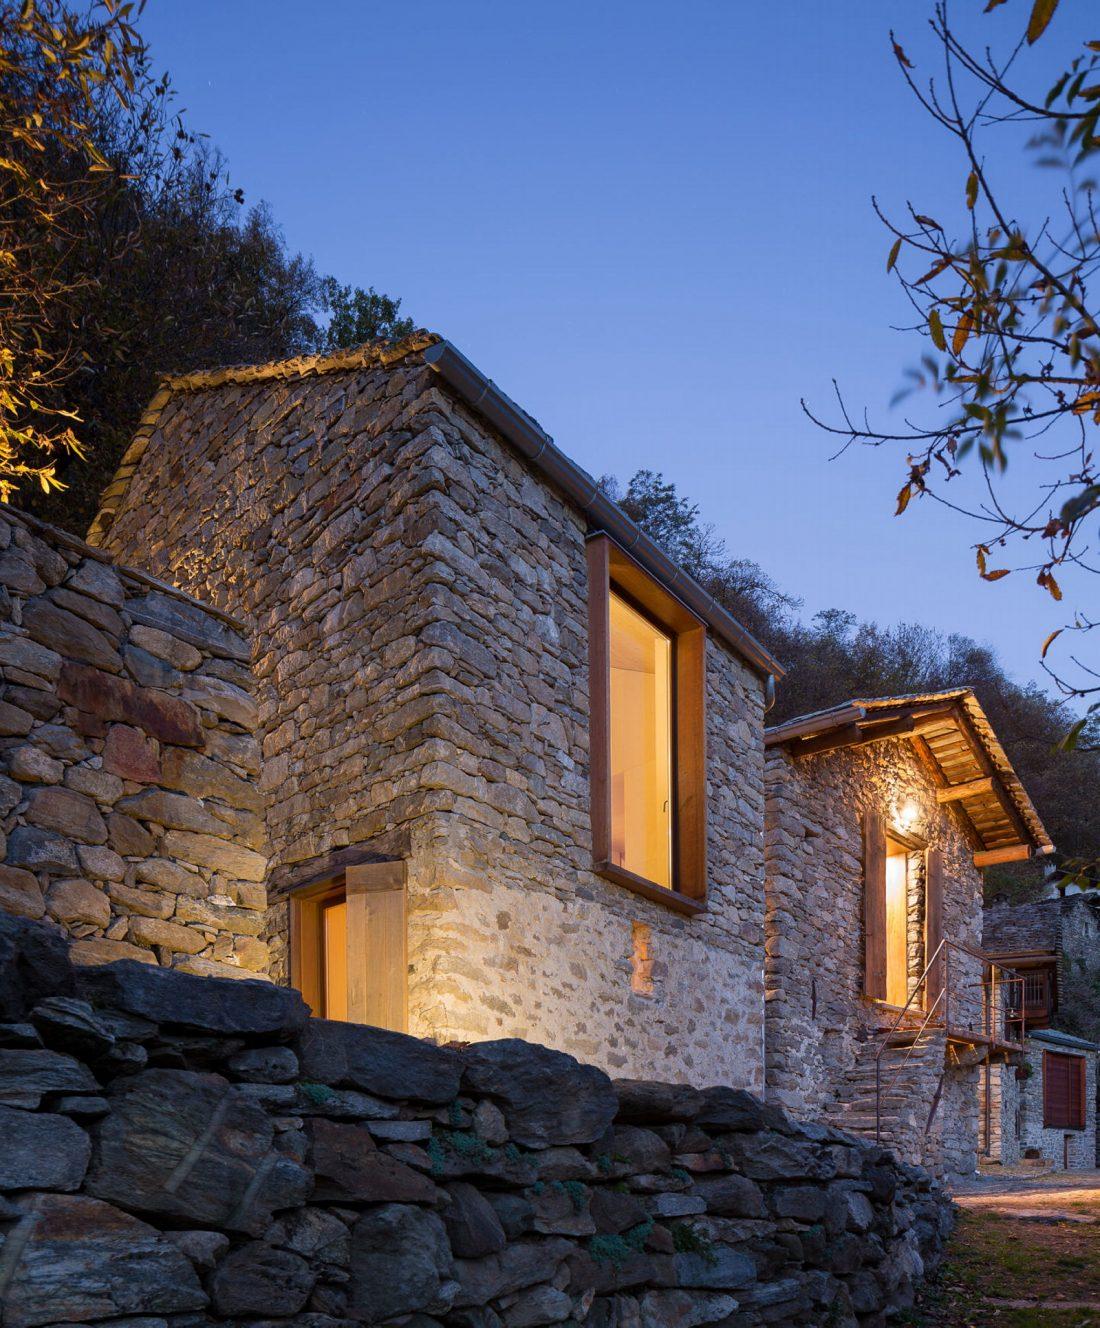 Реставрация старинного дома 16 века в Швейцарии по проекту Vudafieri Saverino Partners 7